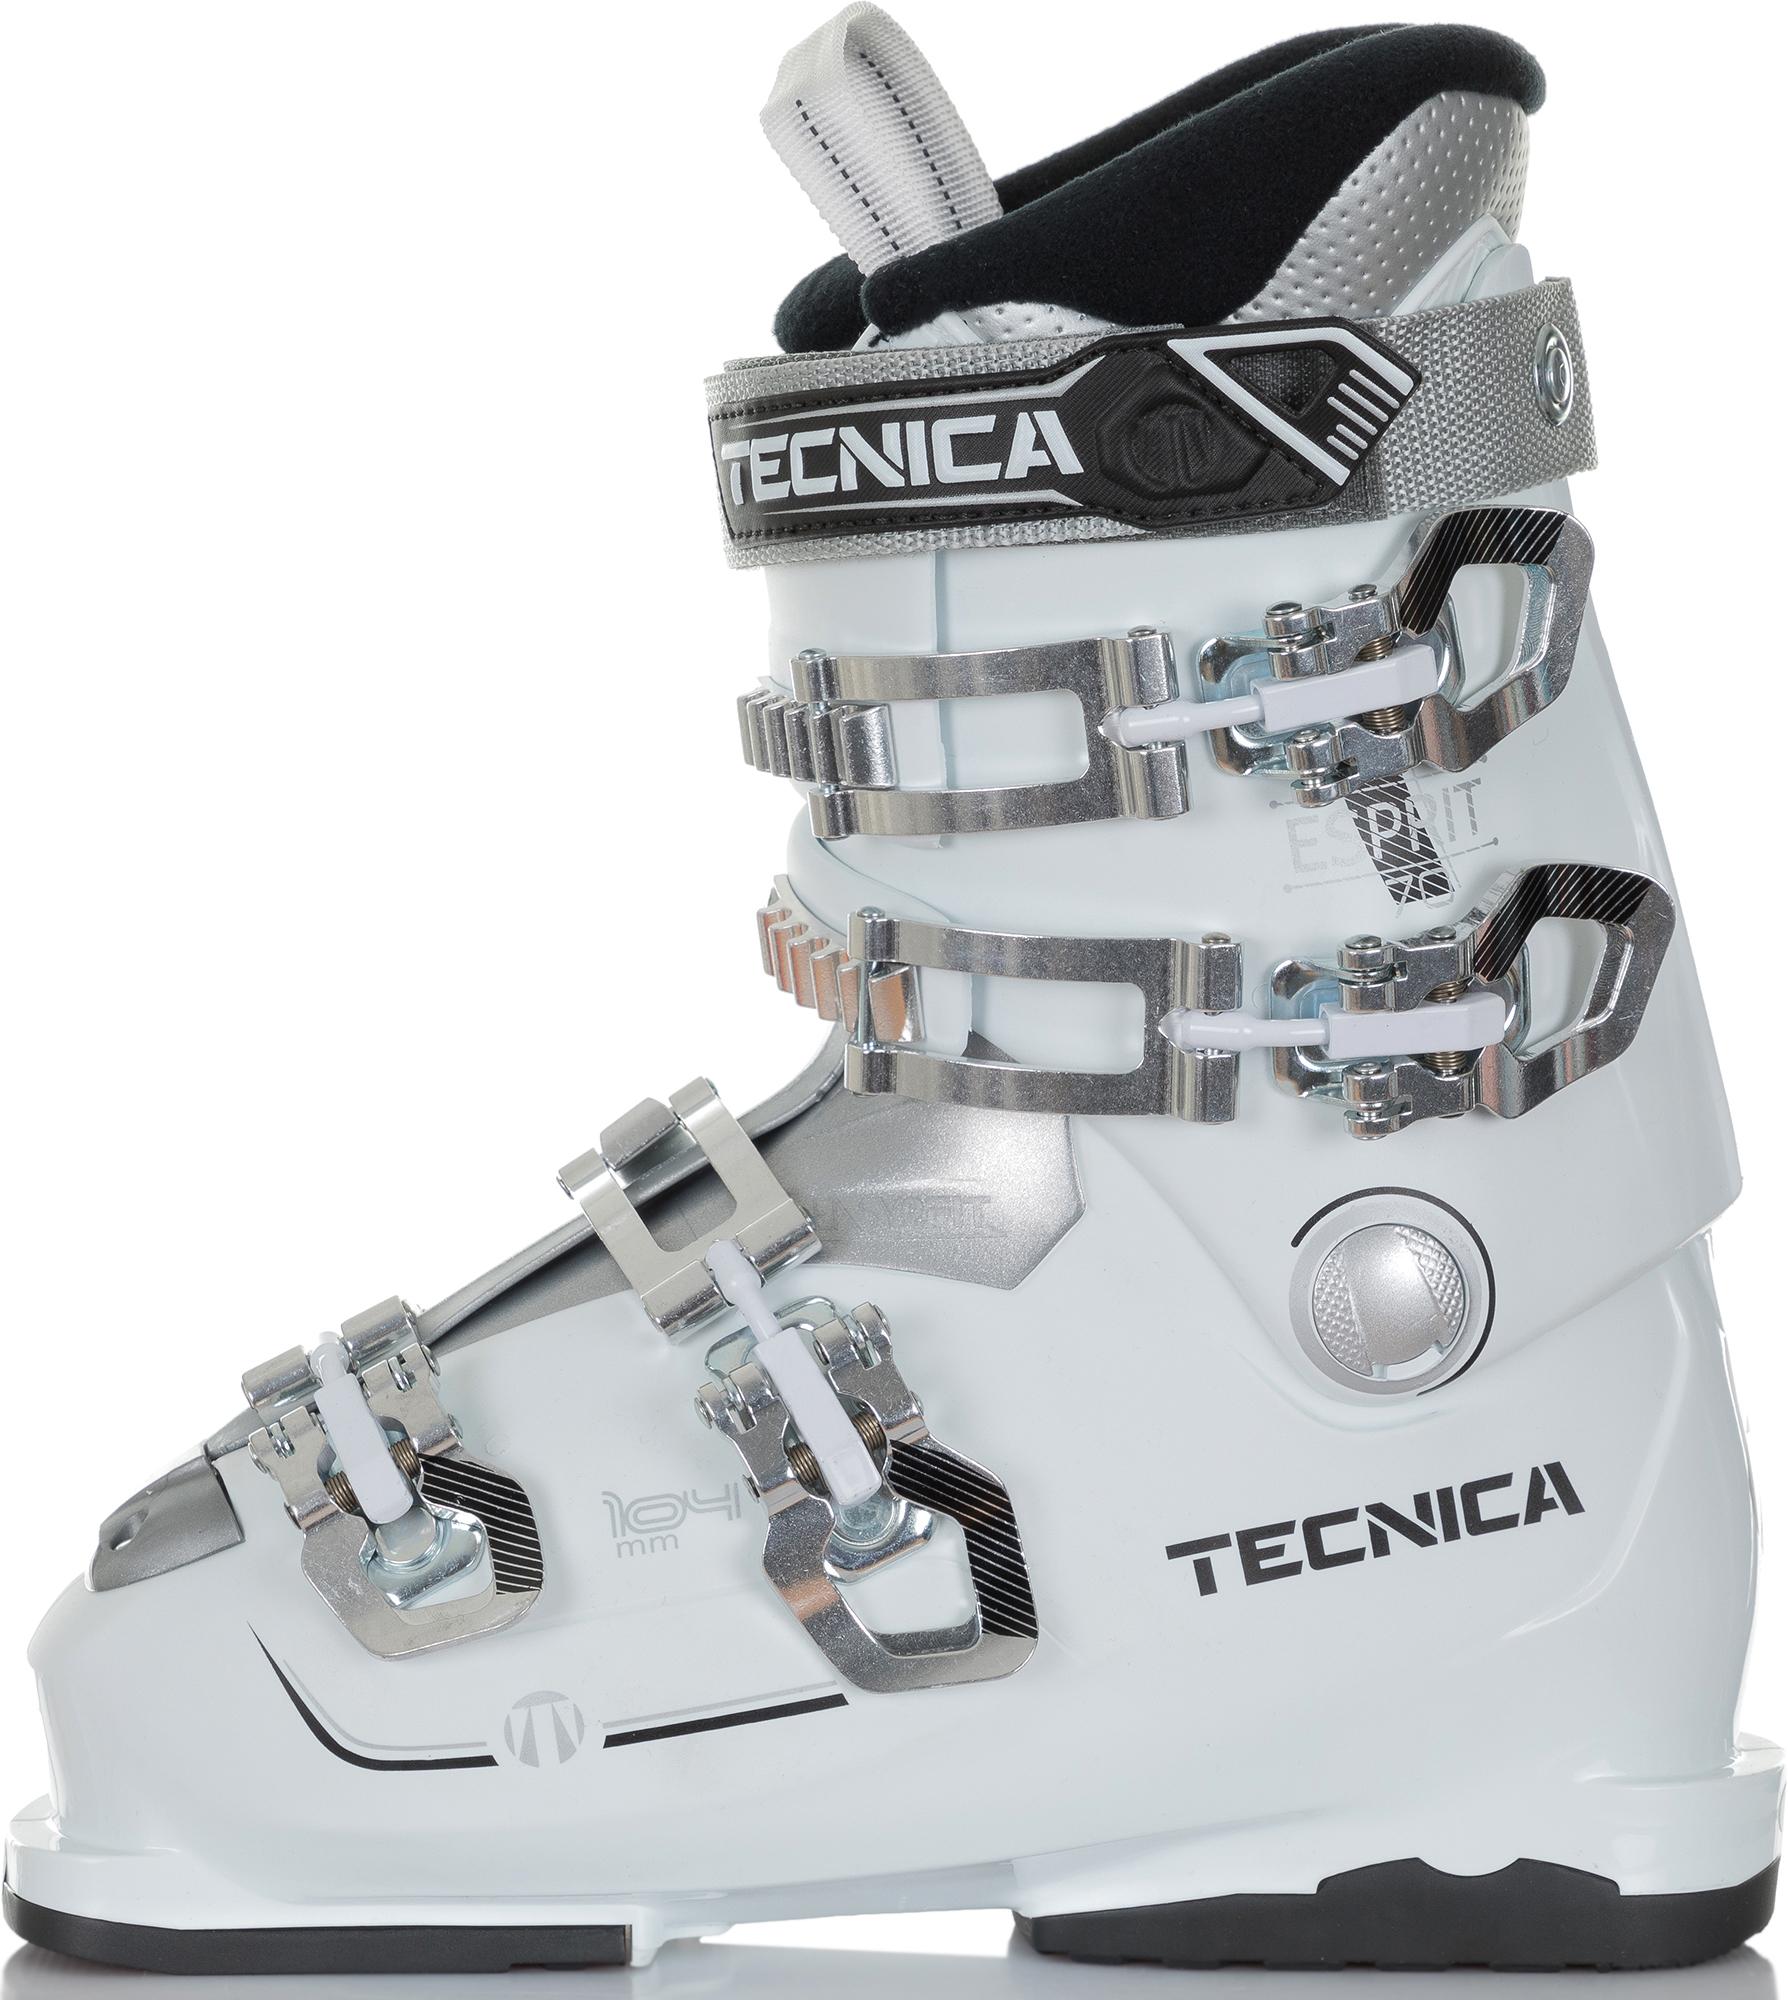 Tecnica Ботинки горнолыжные женские Tecnica Esprit 70, размер 40